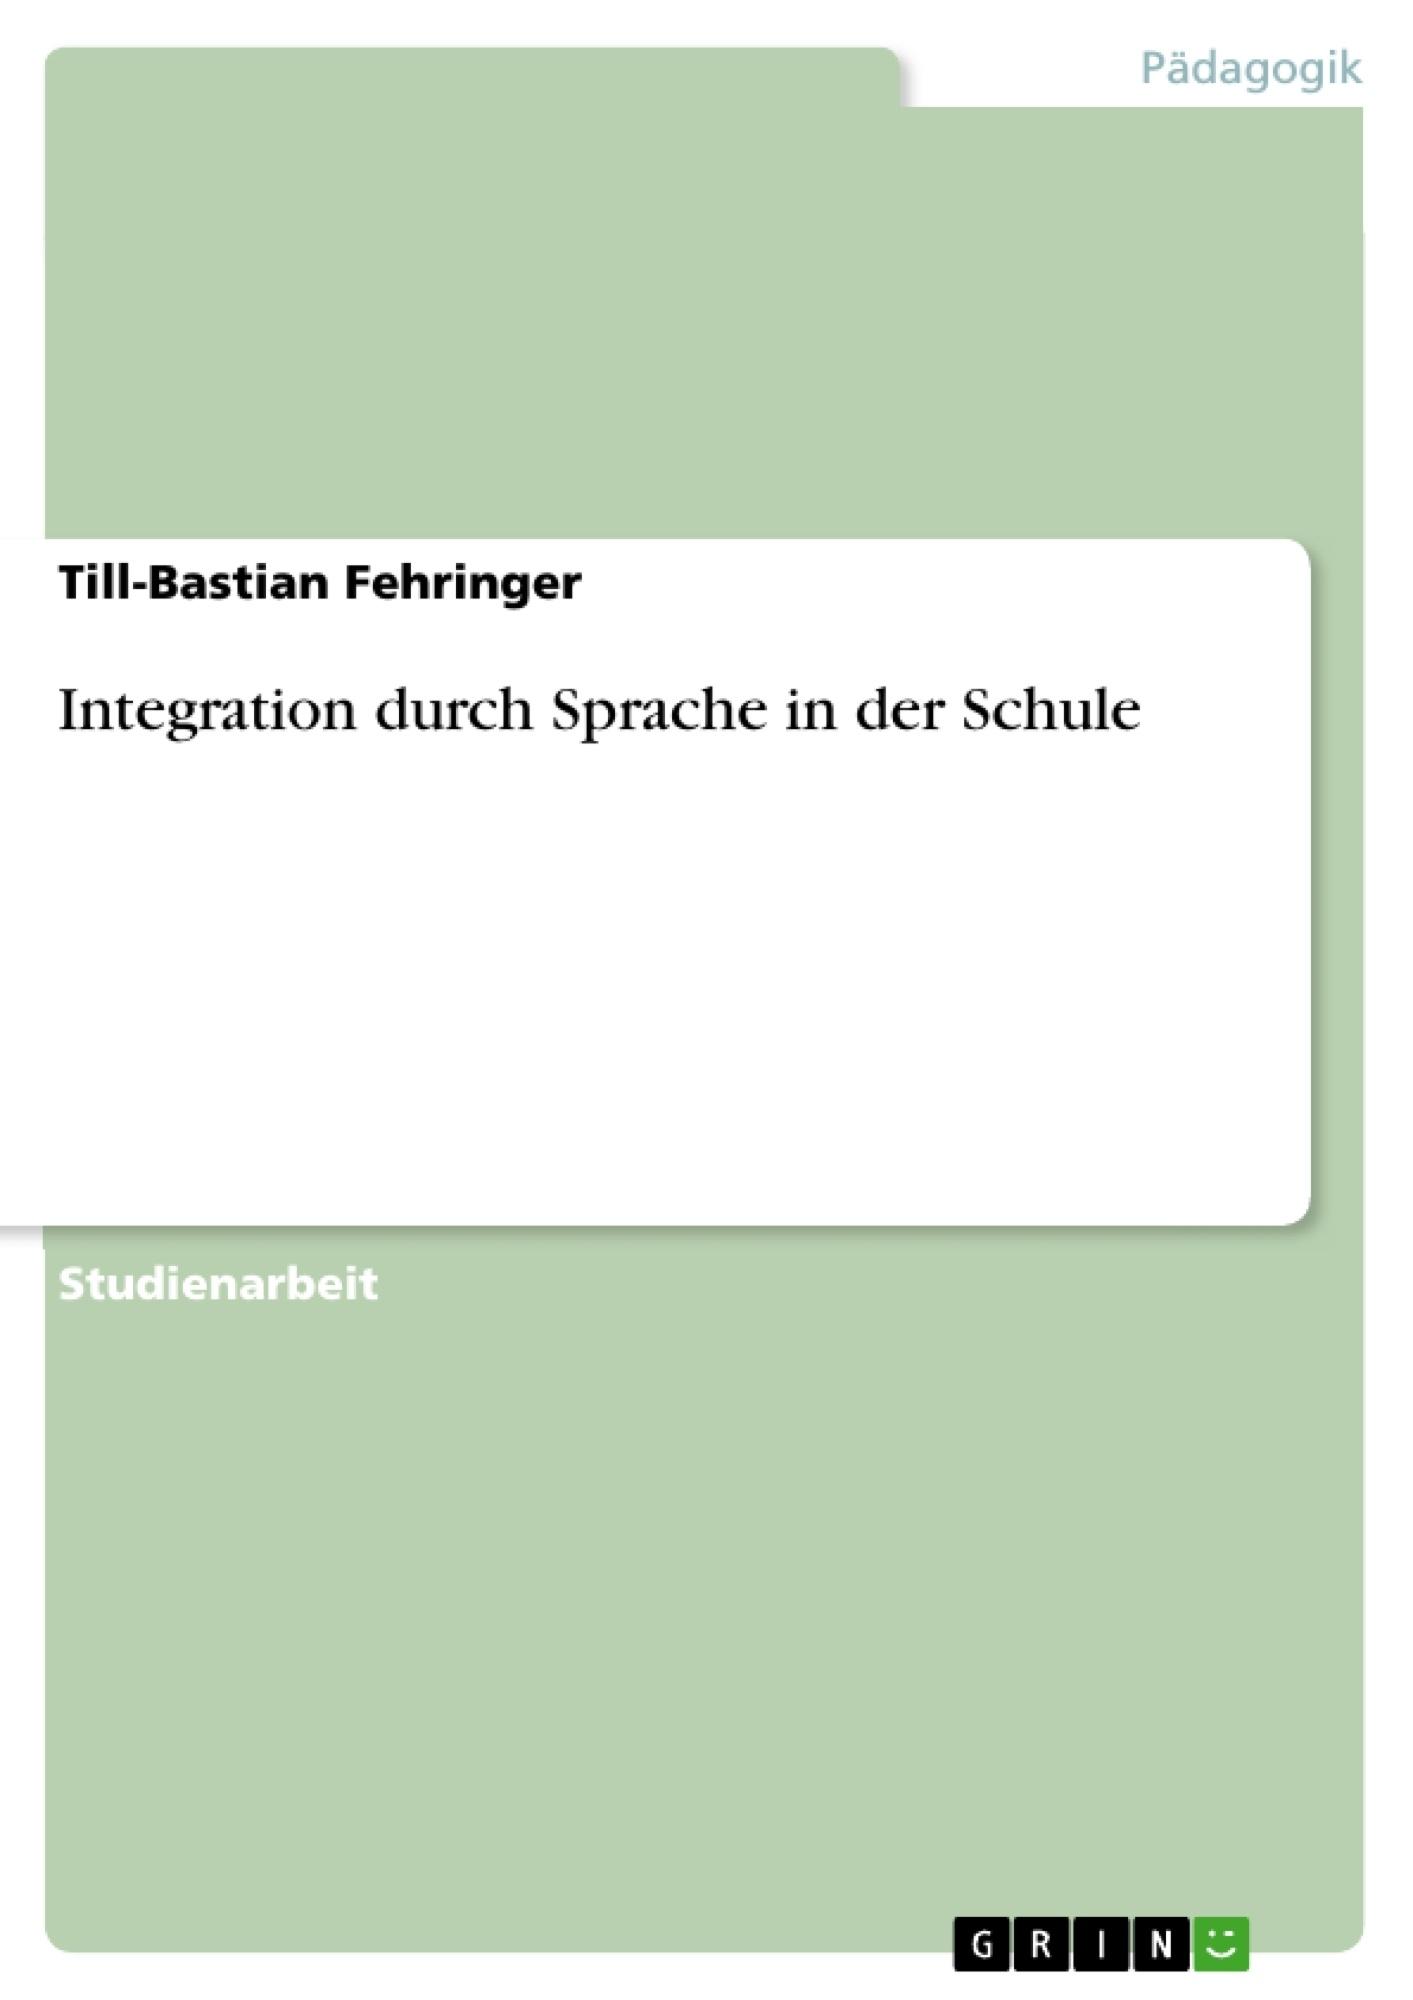 Titel: Integration durch Sprache in der Schule